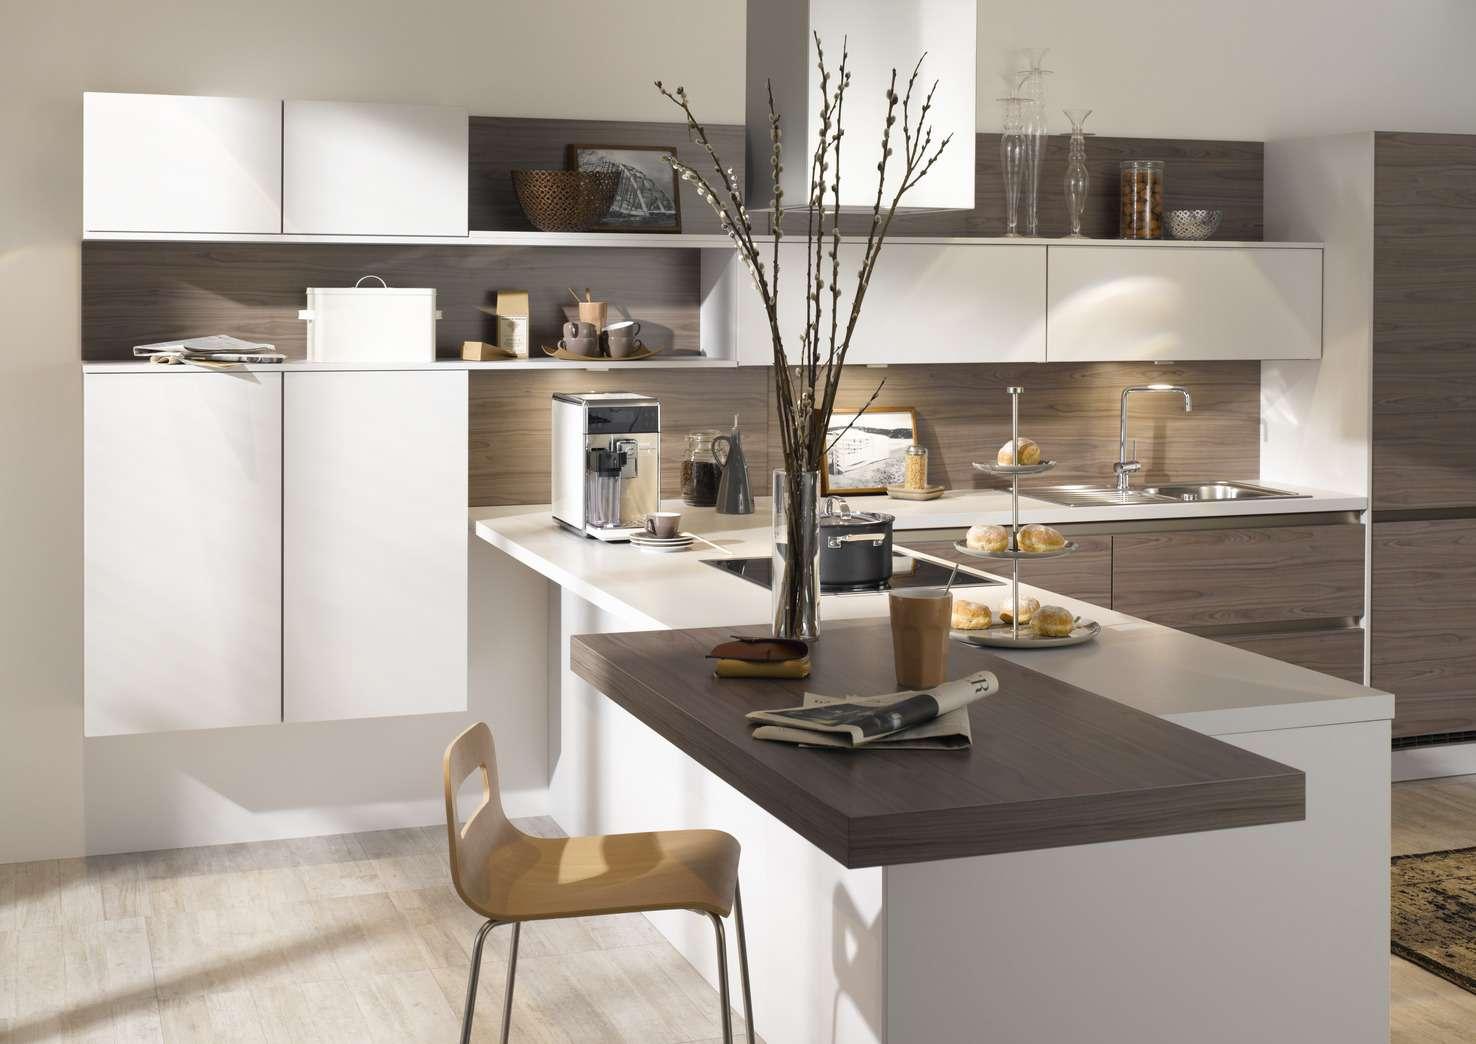 Küchen l form mit theke  Moderne Küche in L-Form mit Theke